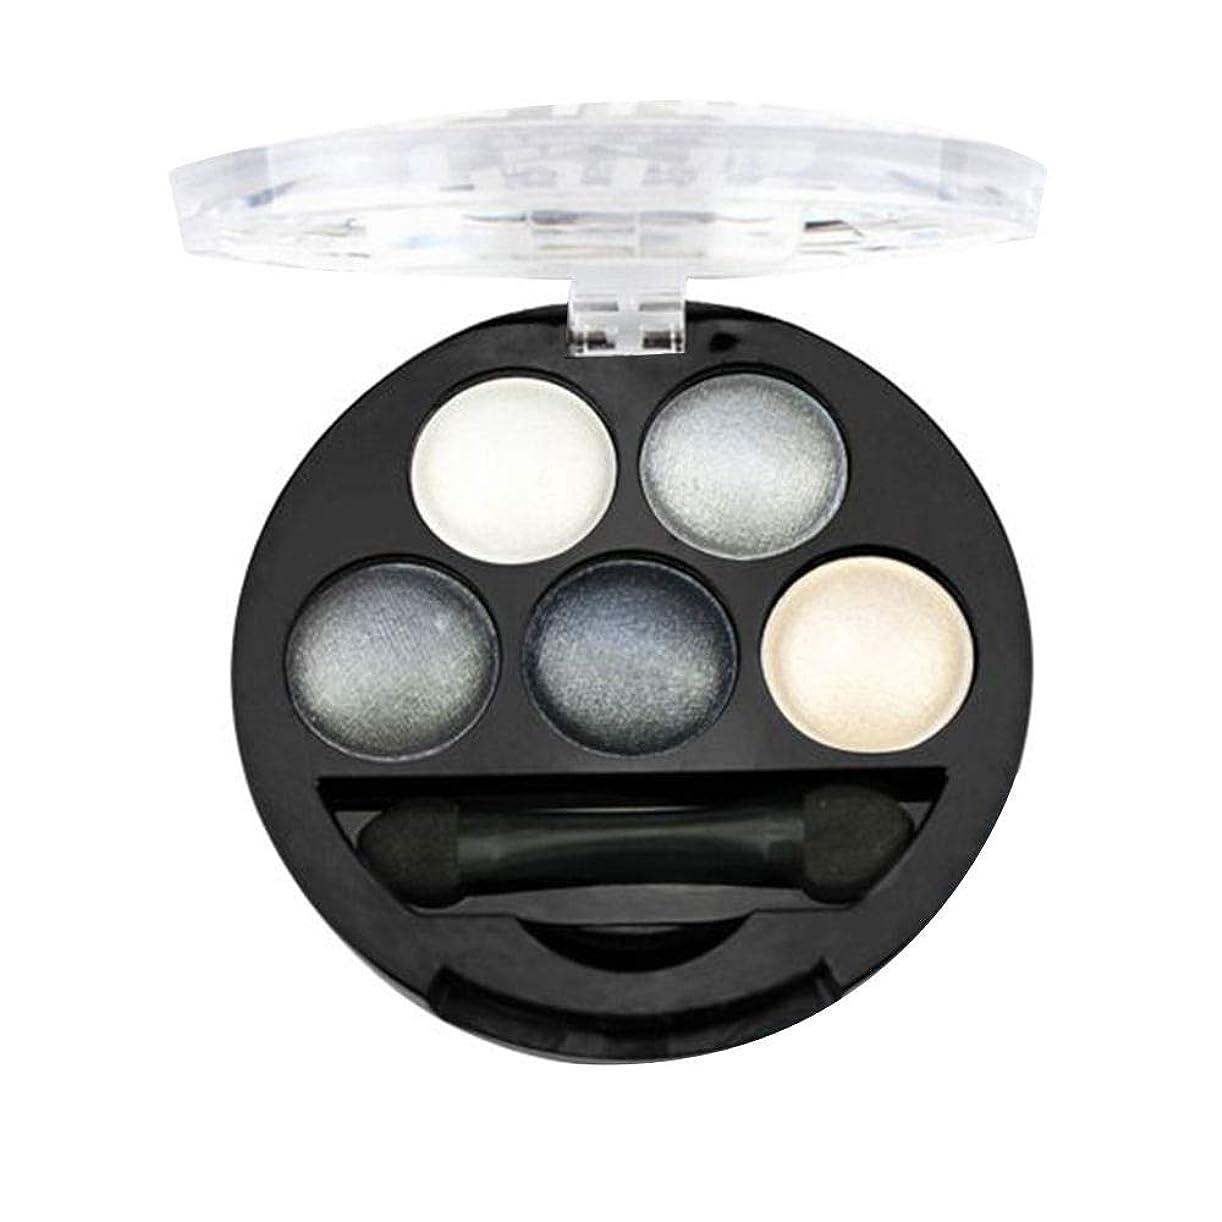 振動する銀軍隊Refaxi 5色プロフェッショナルアイシャドウパレットシマーメイクアップピグメントインナーアーティスト高品質アイシャドウ(#2)